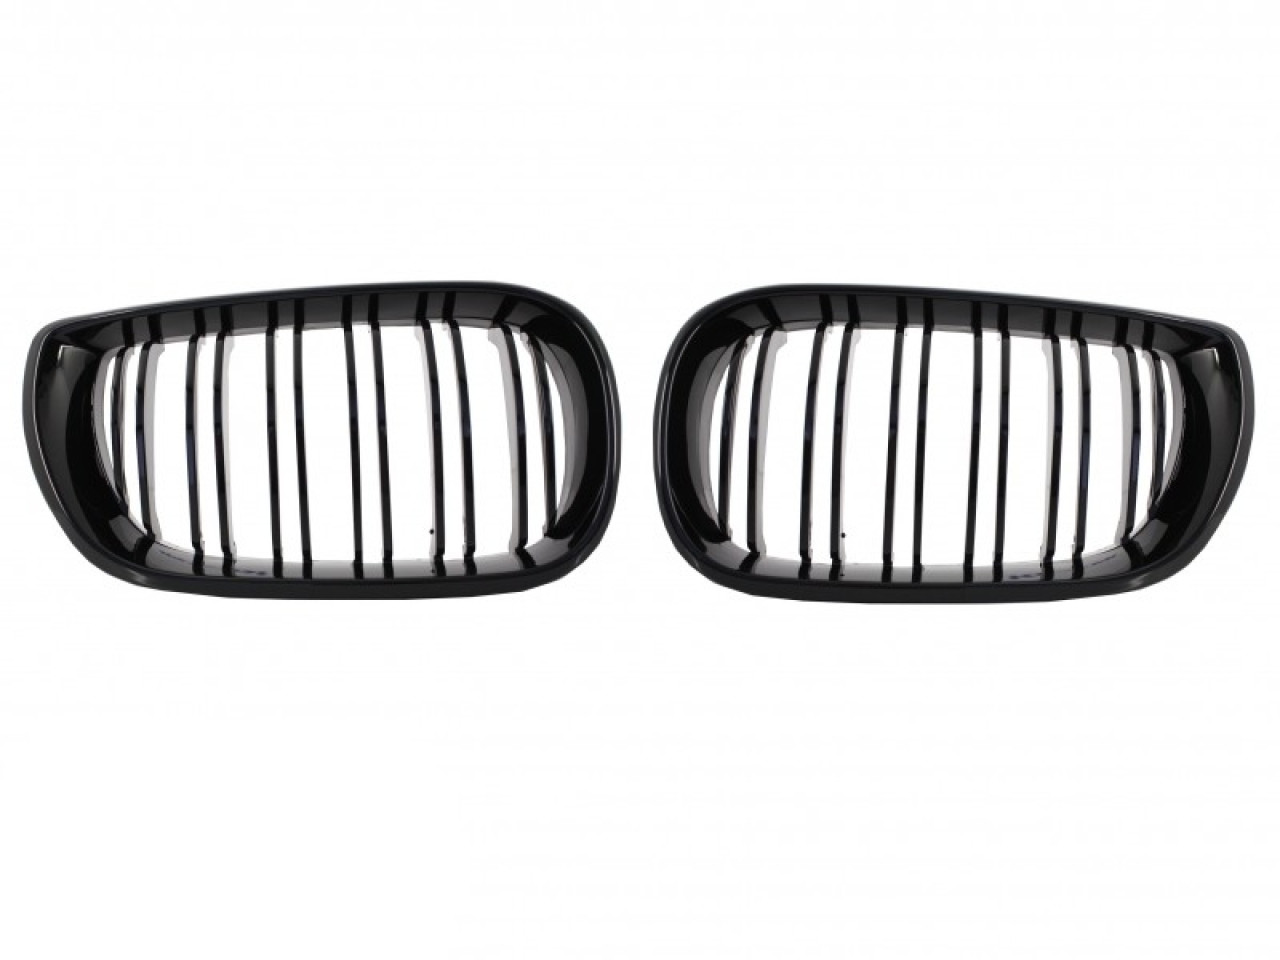 Grile Duble BMW Seria 3 E46 (01-05) M Design